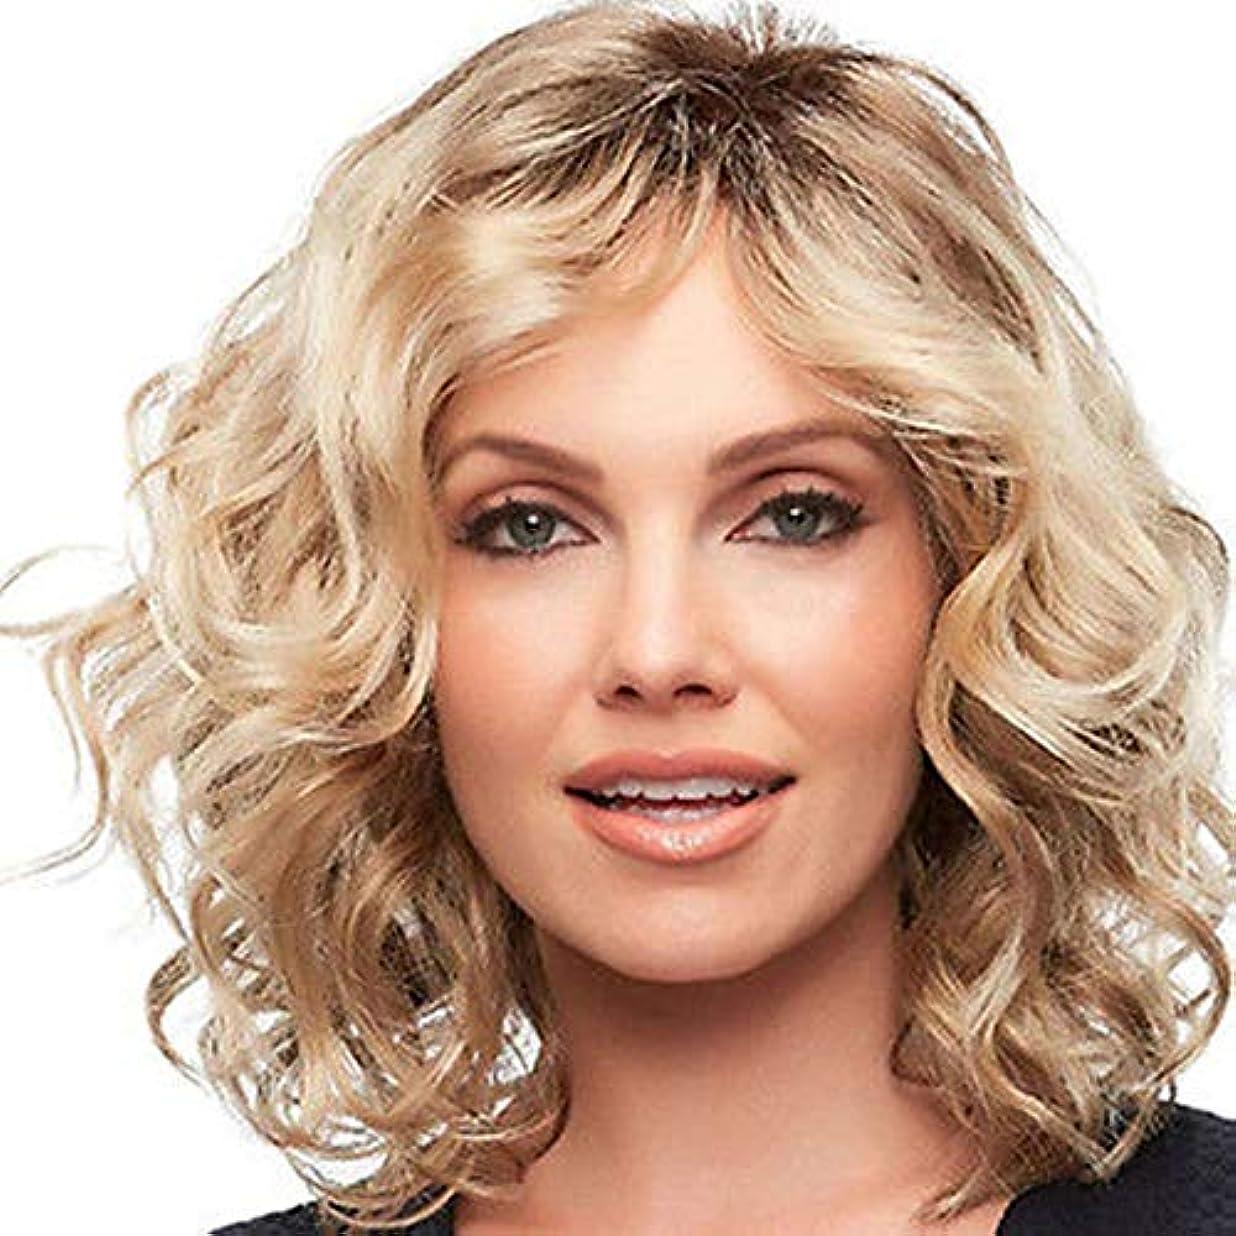 かろうじていたずら通知するYOUQIU 女子金髪ショートカーリーヘアウィッグふわふわヘアスタイリング中部ウィッグウィッグ (色 : Blonde)